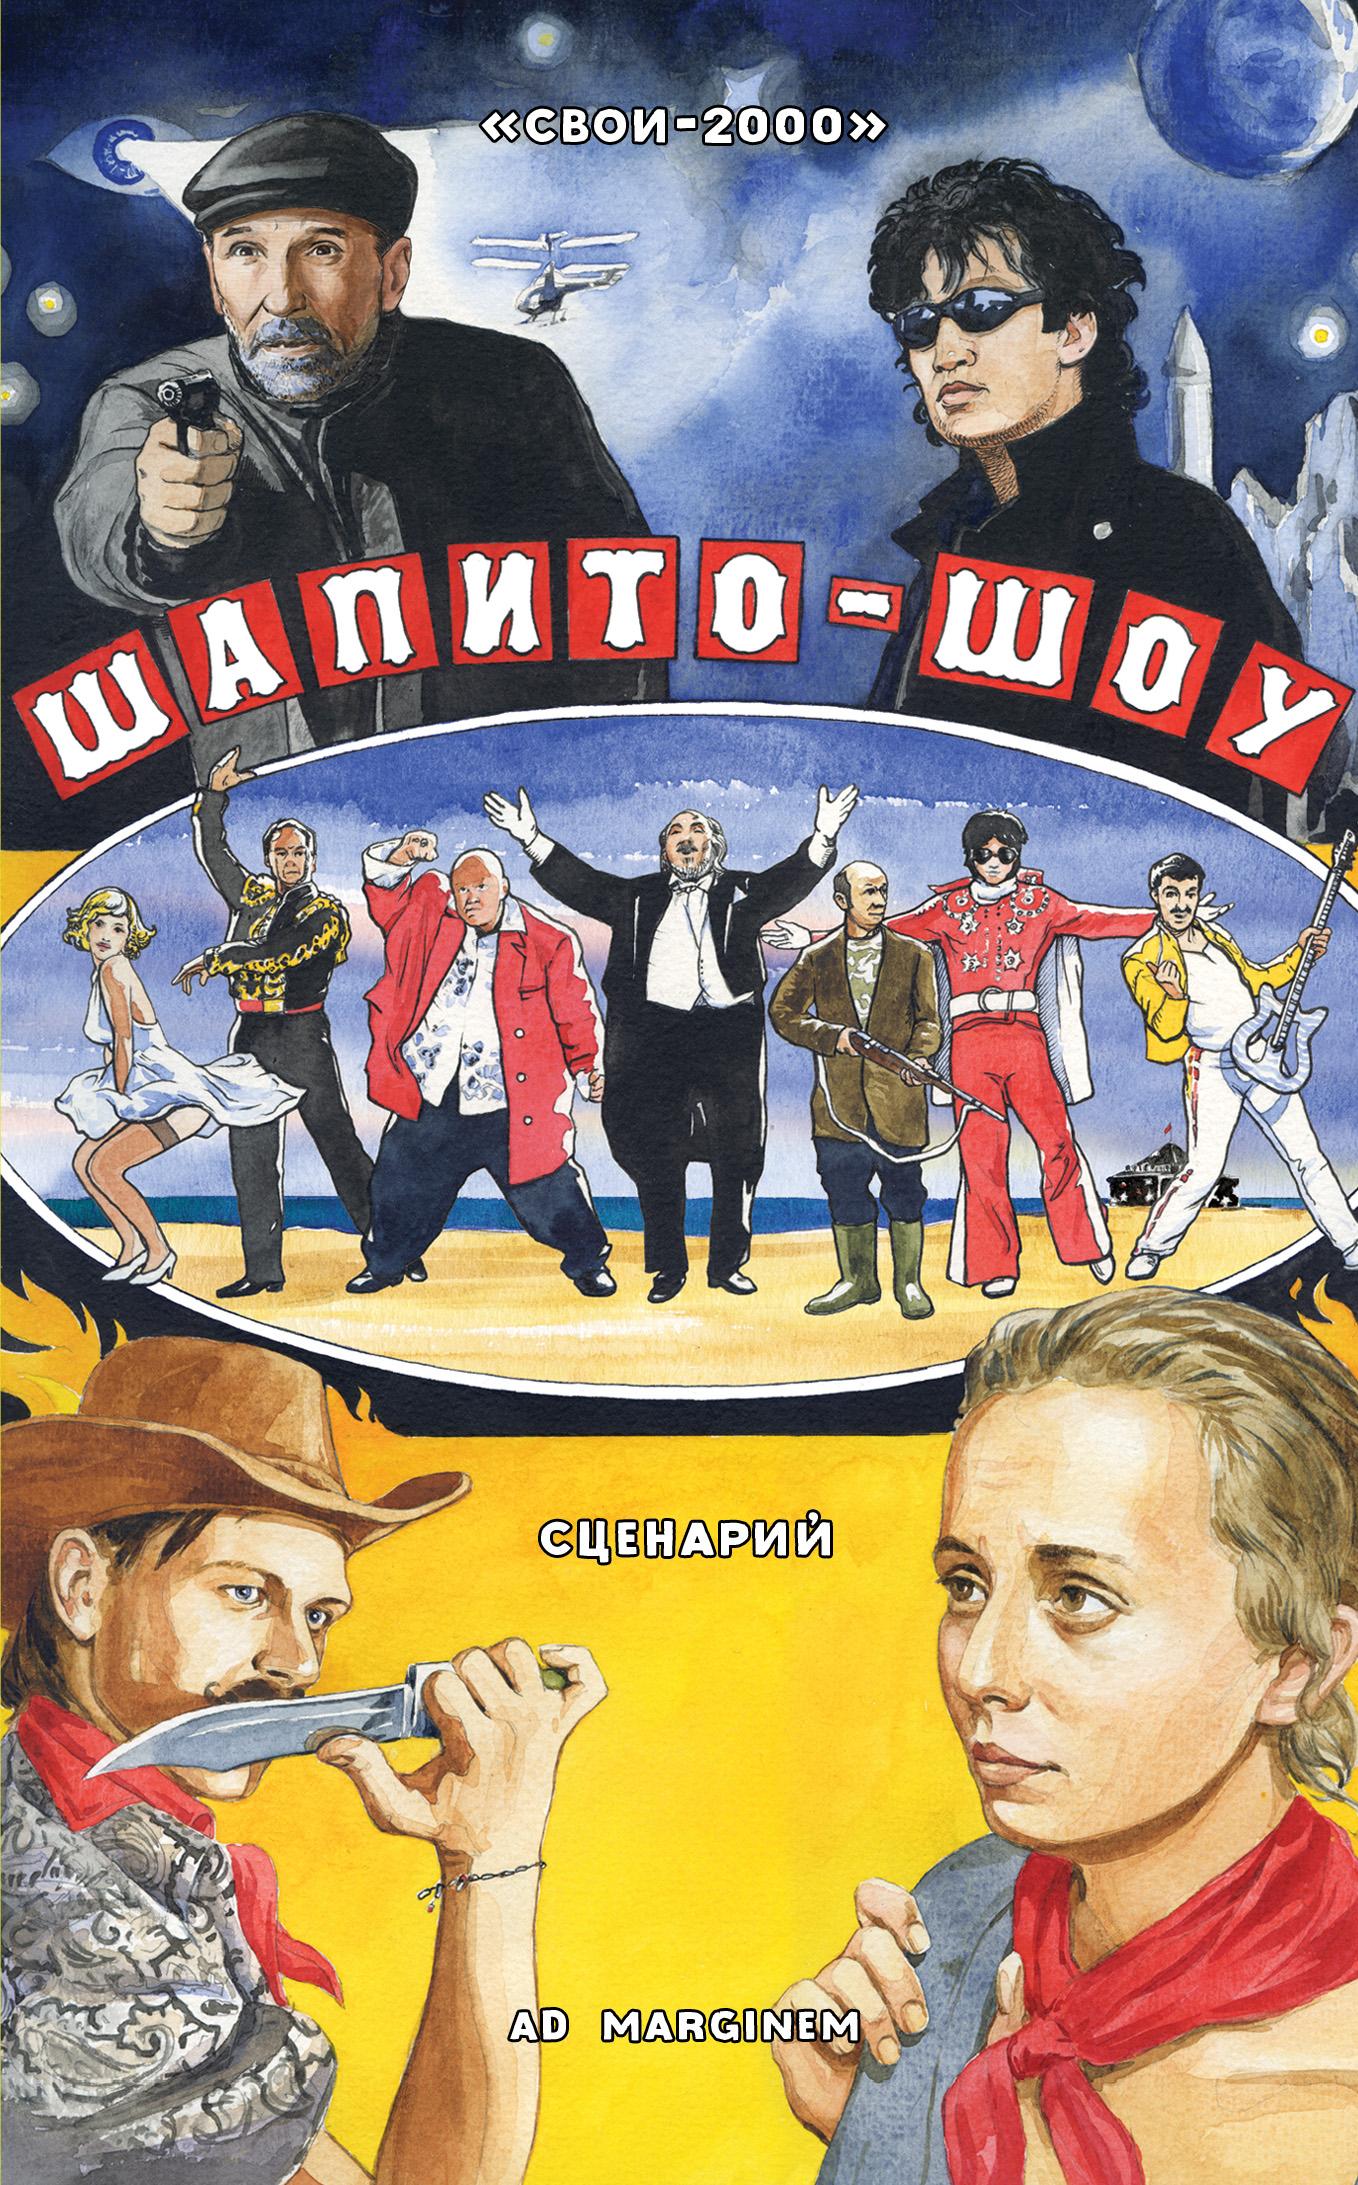 СВОИ-2000 Шапито-шоу шапито шоу dvd cd